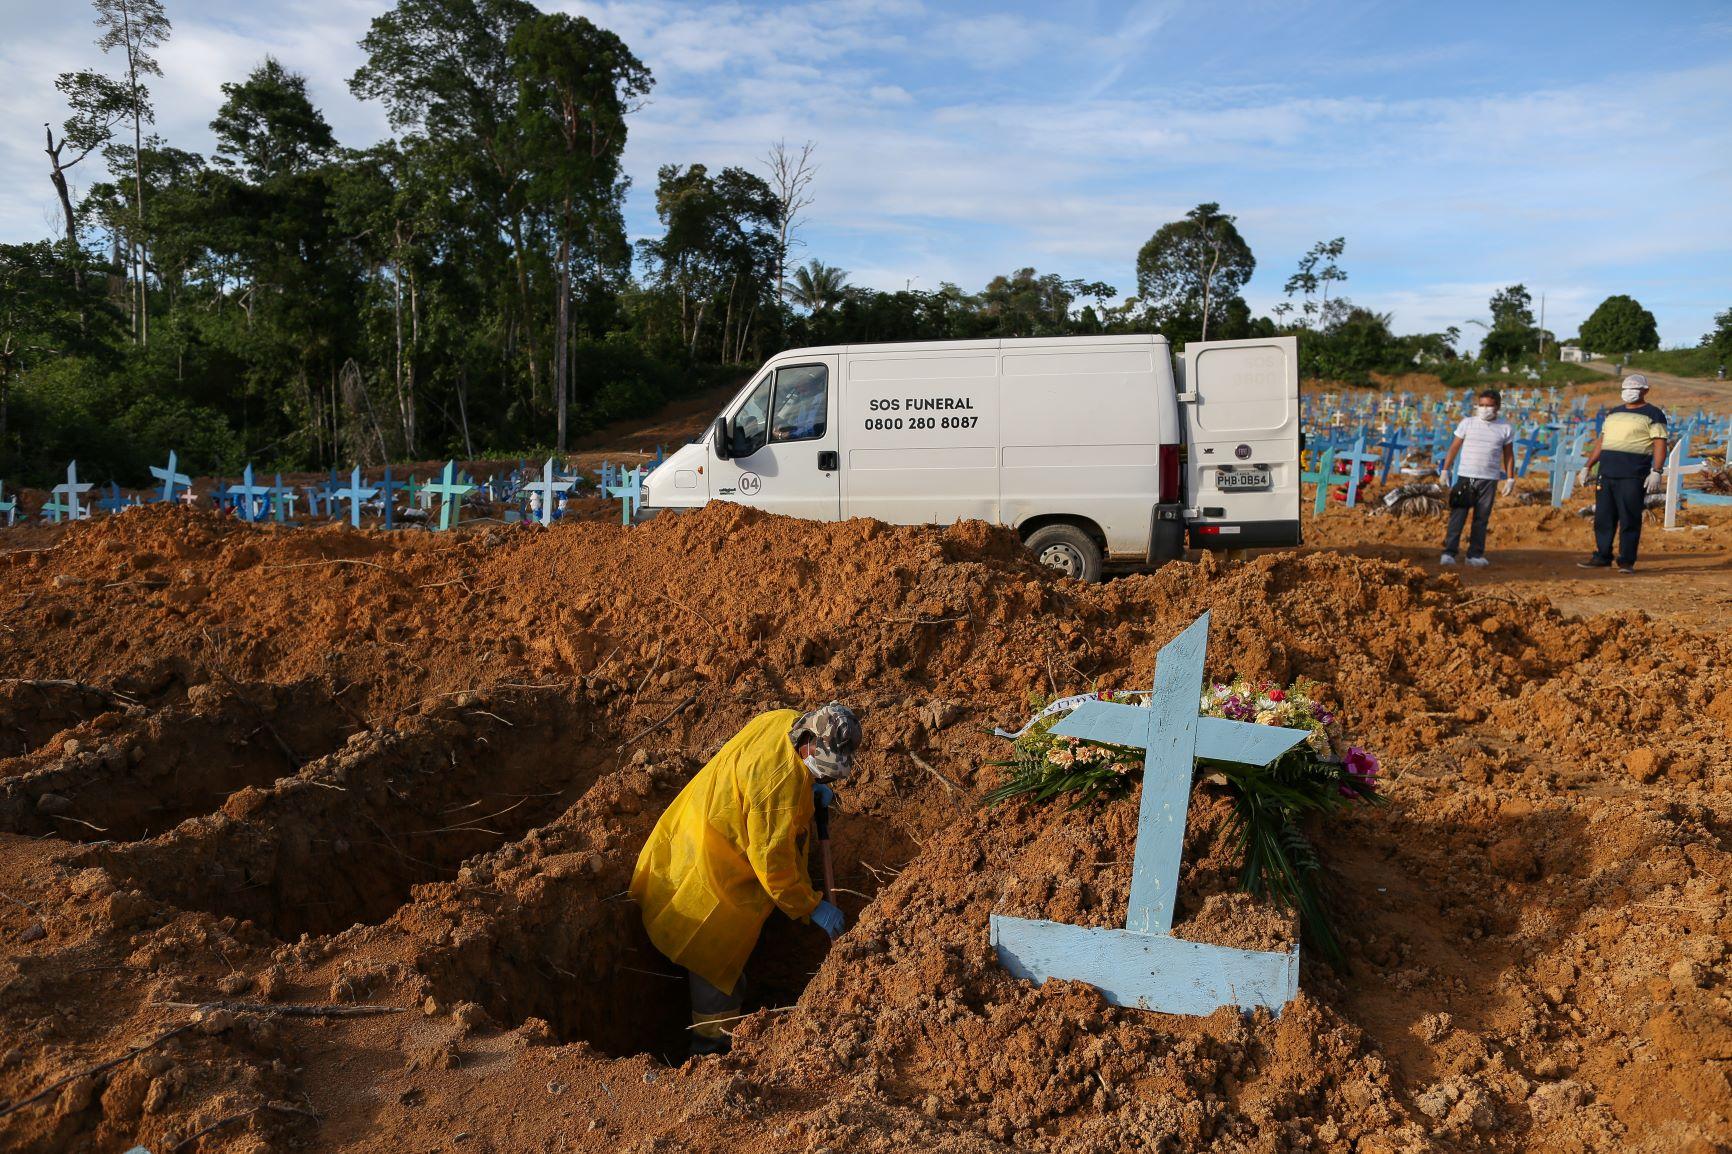 Funcionários do Cemitério Nossa Senhora Aparecida, em Manaus, abrem novas covas no penúltimo dia de 2020: crescimento entre novembro e dezembro de 120% do número de casos na capital (Michael Dantas/AFP)